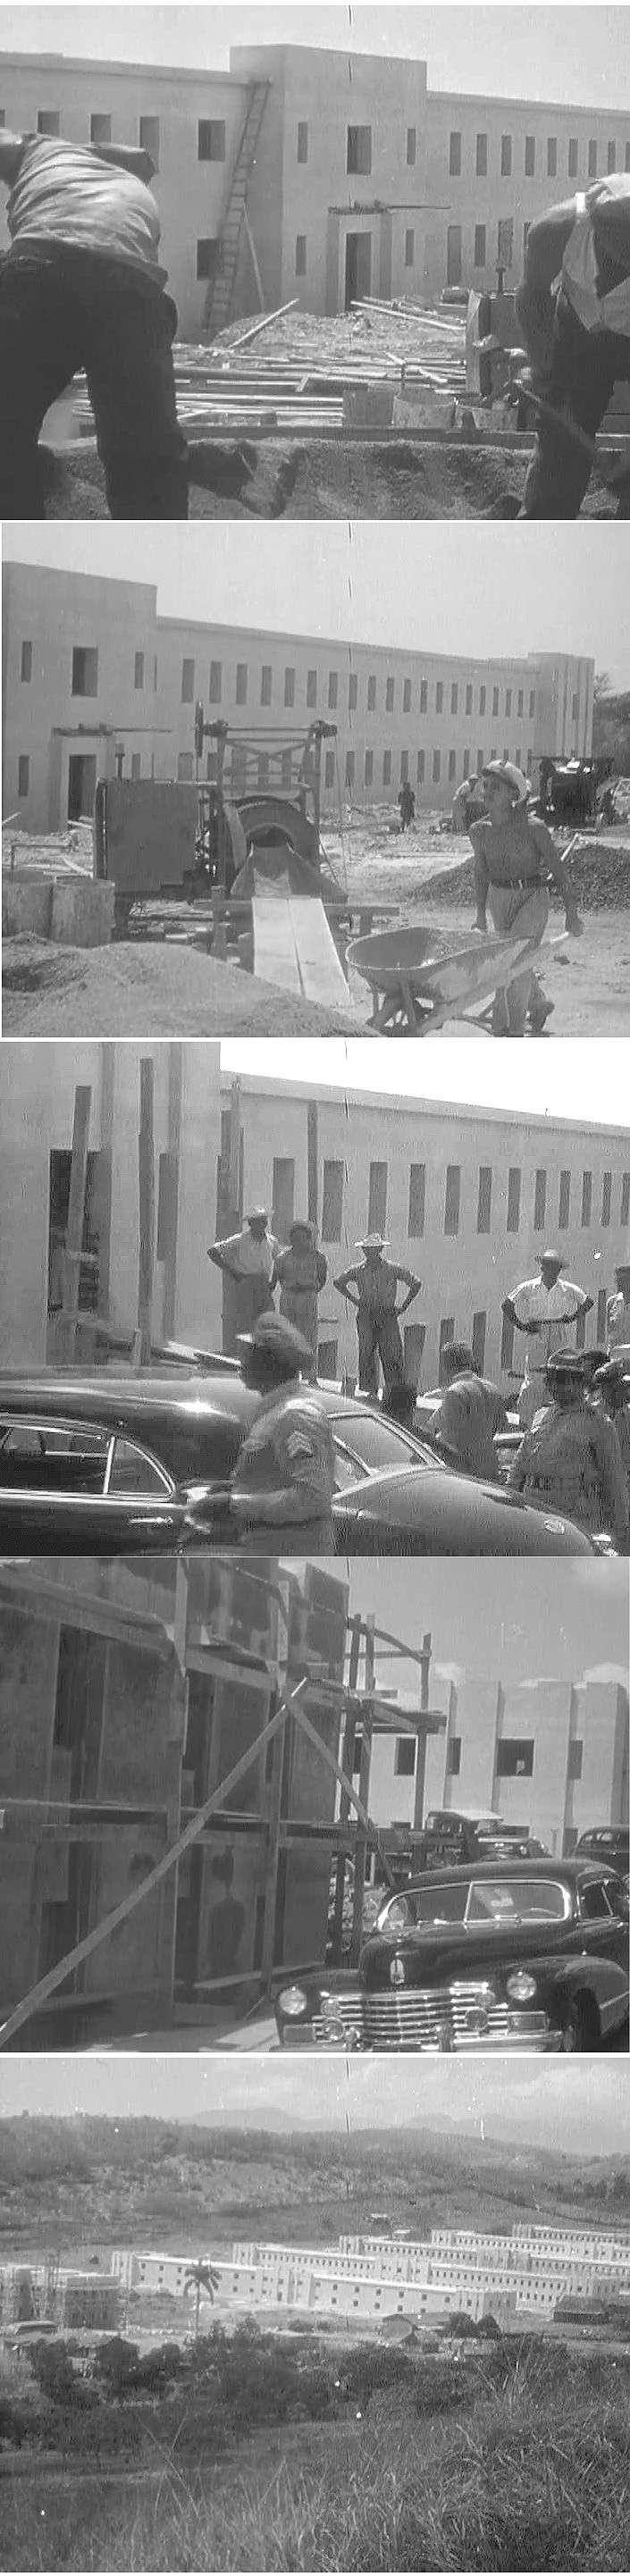 1958 - FOTOS DE CUBA ! SOLAMENTES DE ANTES DEL 1958 !!!! - Página 32 Constr10